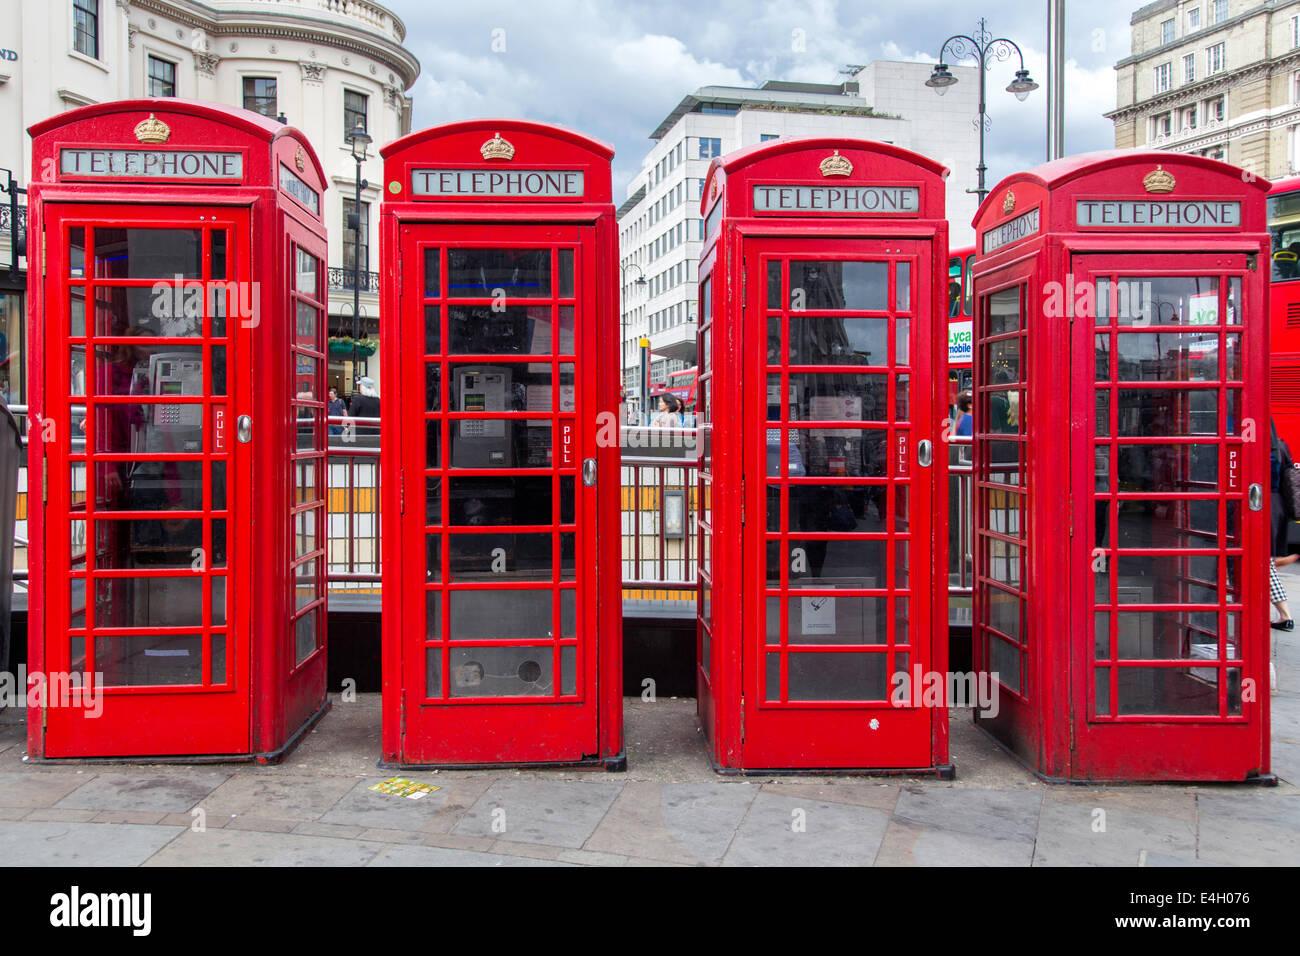 K6 Telephone boxes, London, England, UK - Stock Image